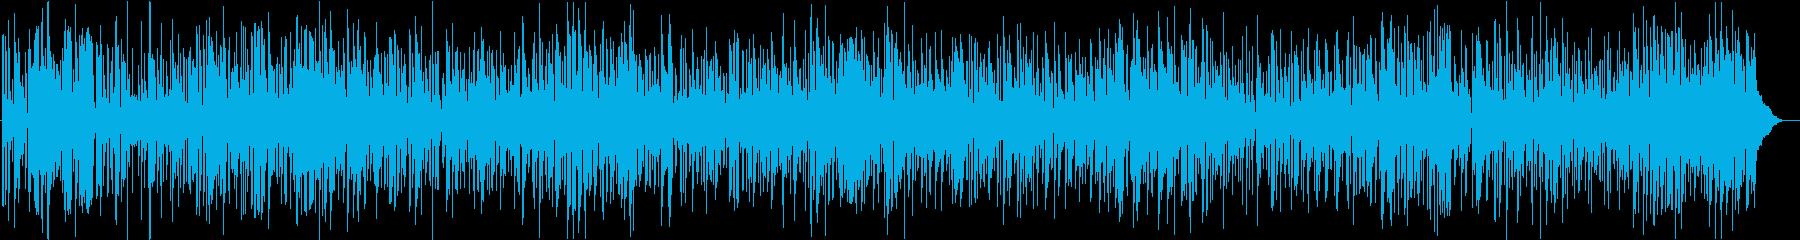 夏の陽気な疾走感ジャズピアノトリオ 大人の再生済みの波形